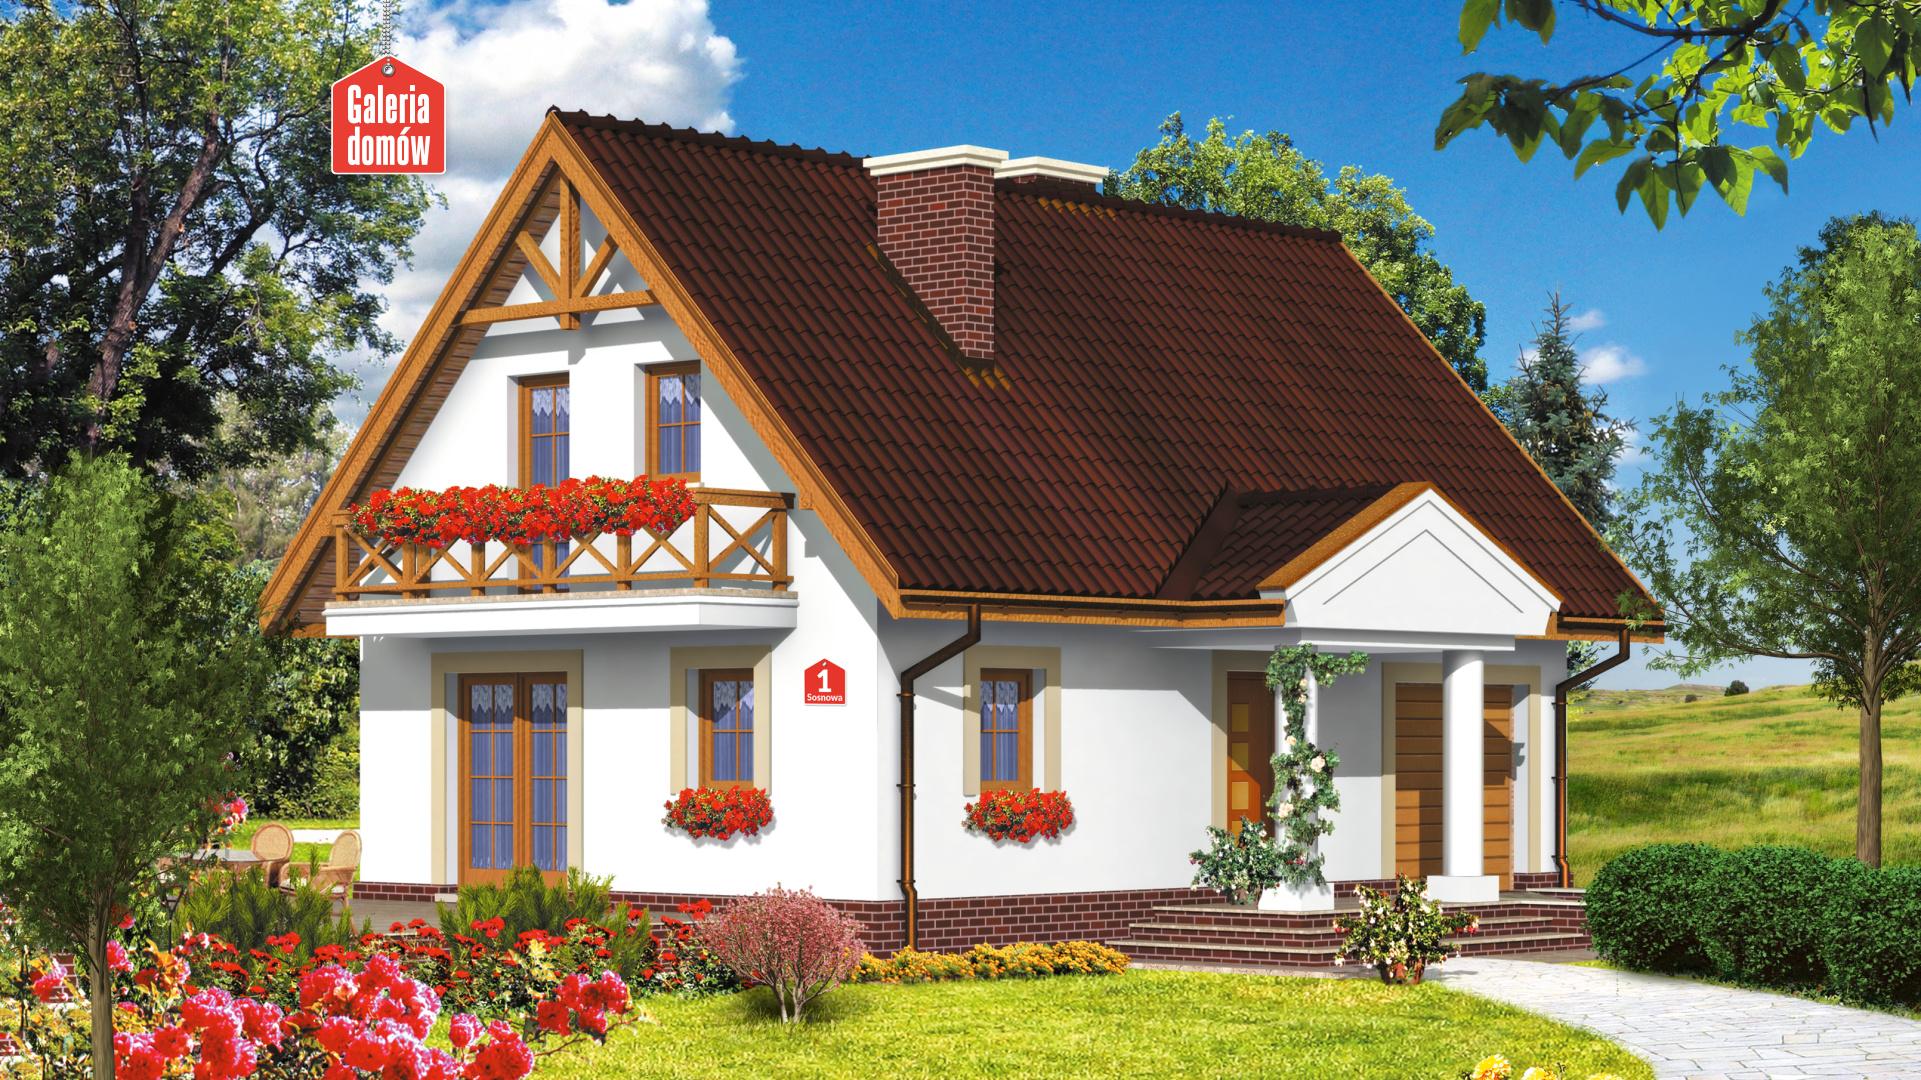 Dom przy Sosnowej - zdjęcie projektu i wizualizacja